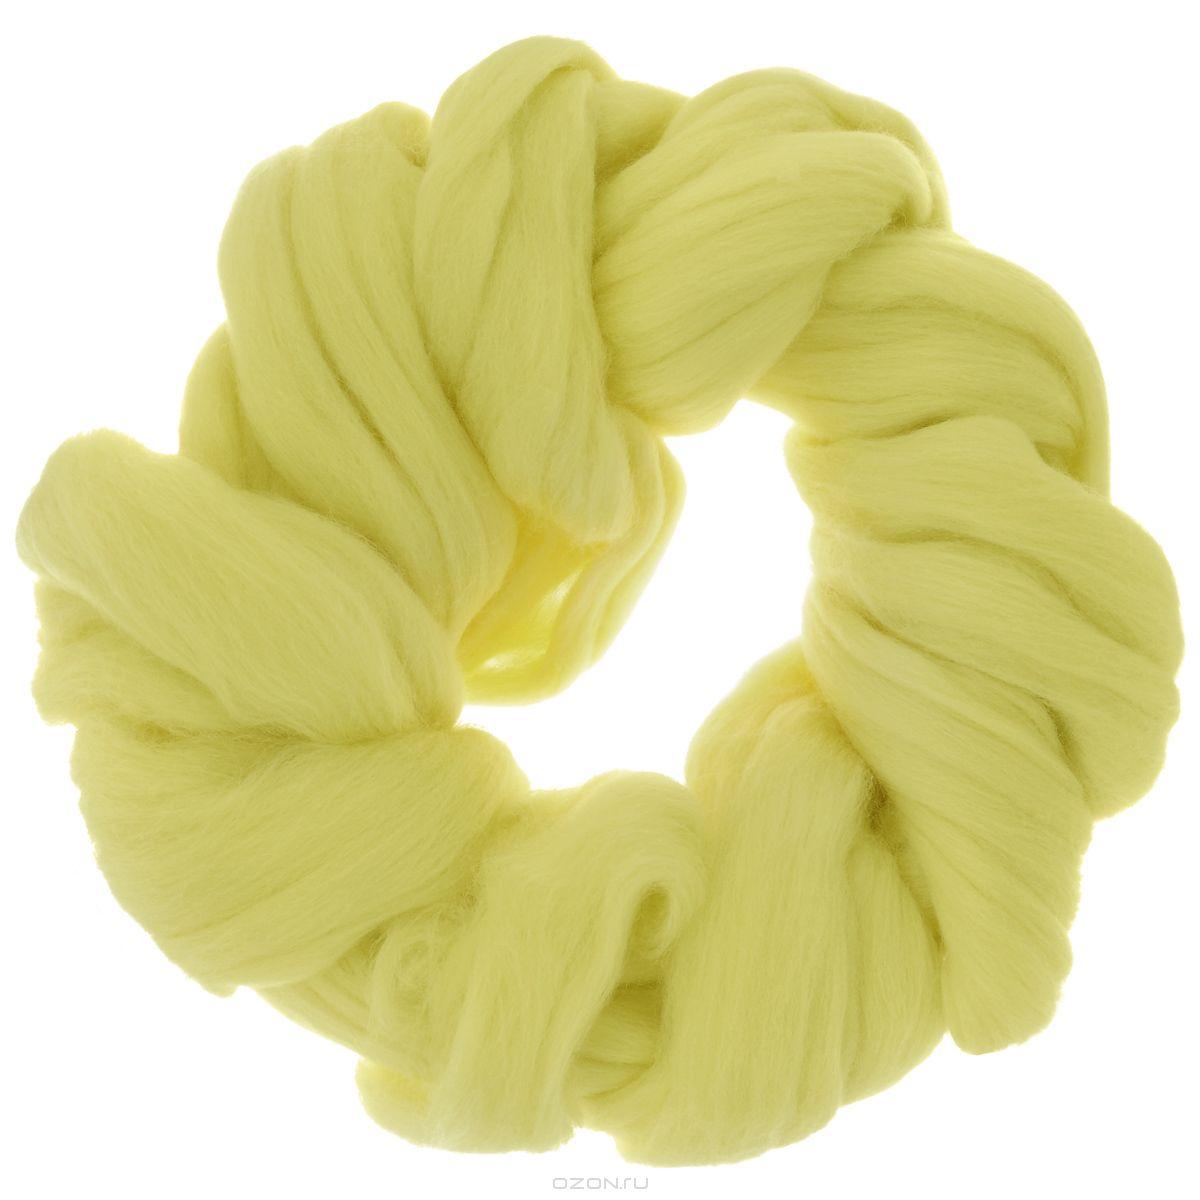 Шерсть для валяния Астра, тонкая, цвет: лимонный (1340), 50 г679103_1340Тонкая шерсть для валяния Астра идеально подходит для сухого и мокрого валяния. Шерсть не линяет и не вызывает аллергию. Валяние шерсти - это особая техника рукоделия, в процессе которой из шерсти для валяния создается рисунок на ткани или войлоке, объемные игрушки, панно, декоративные элементы, предметы одежды или аксессуары. Только натуральная шерсть обладает способностью сваливаться или свойлачиваться.